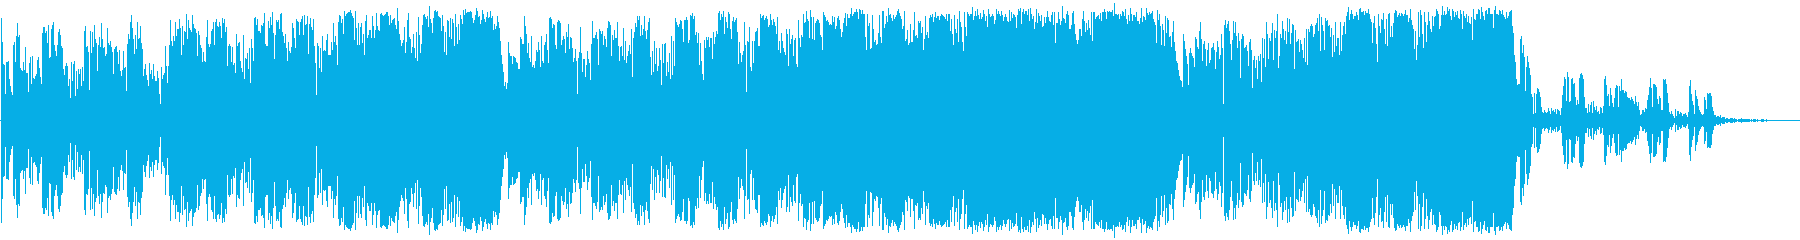 クリーンなアコースティックリズムギ...の再生済みの波形